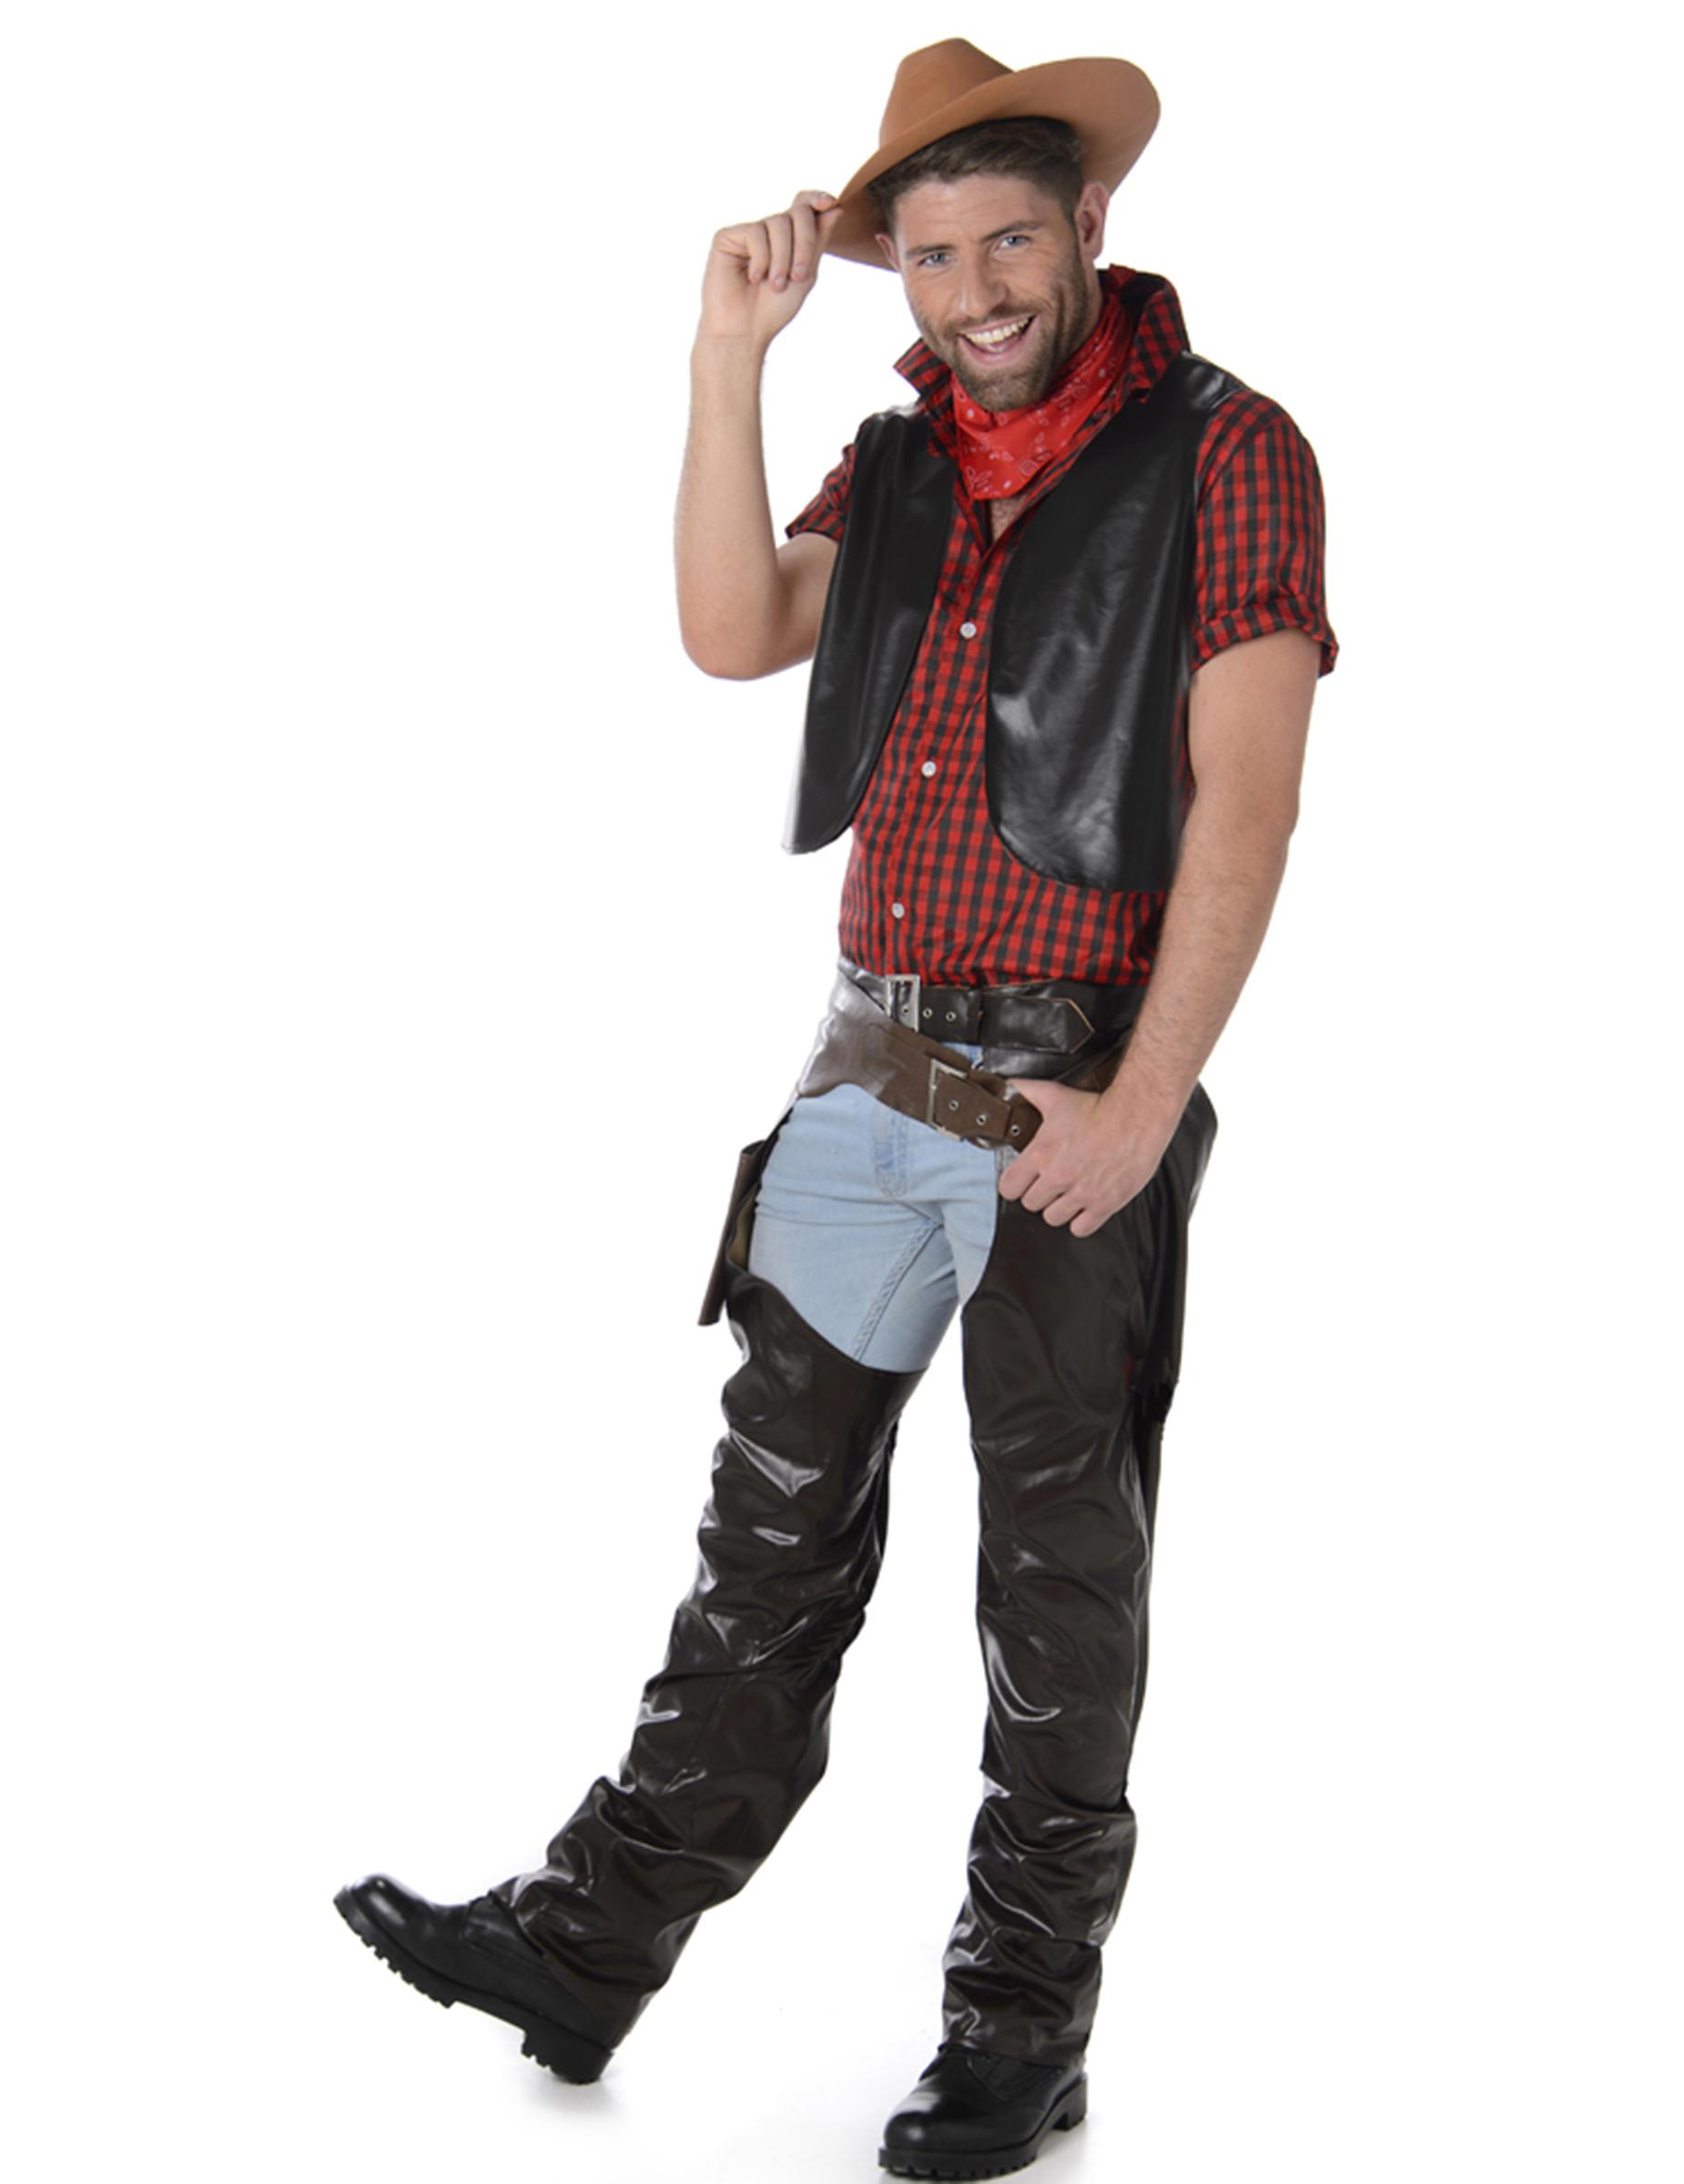 bf50262a3 Disfraz de vaquero hombre  Disfraces adultos